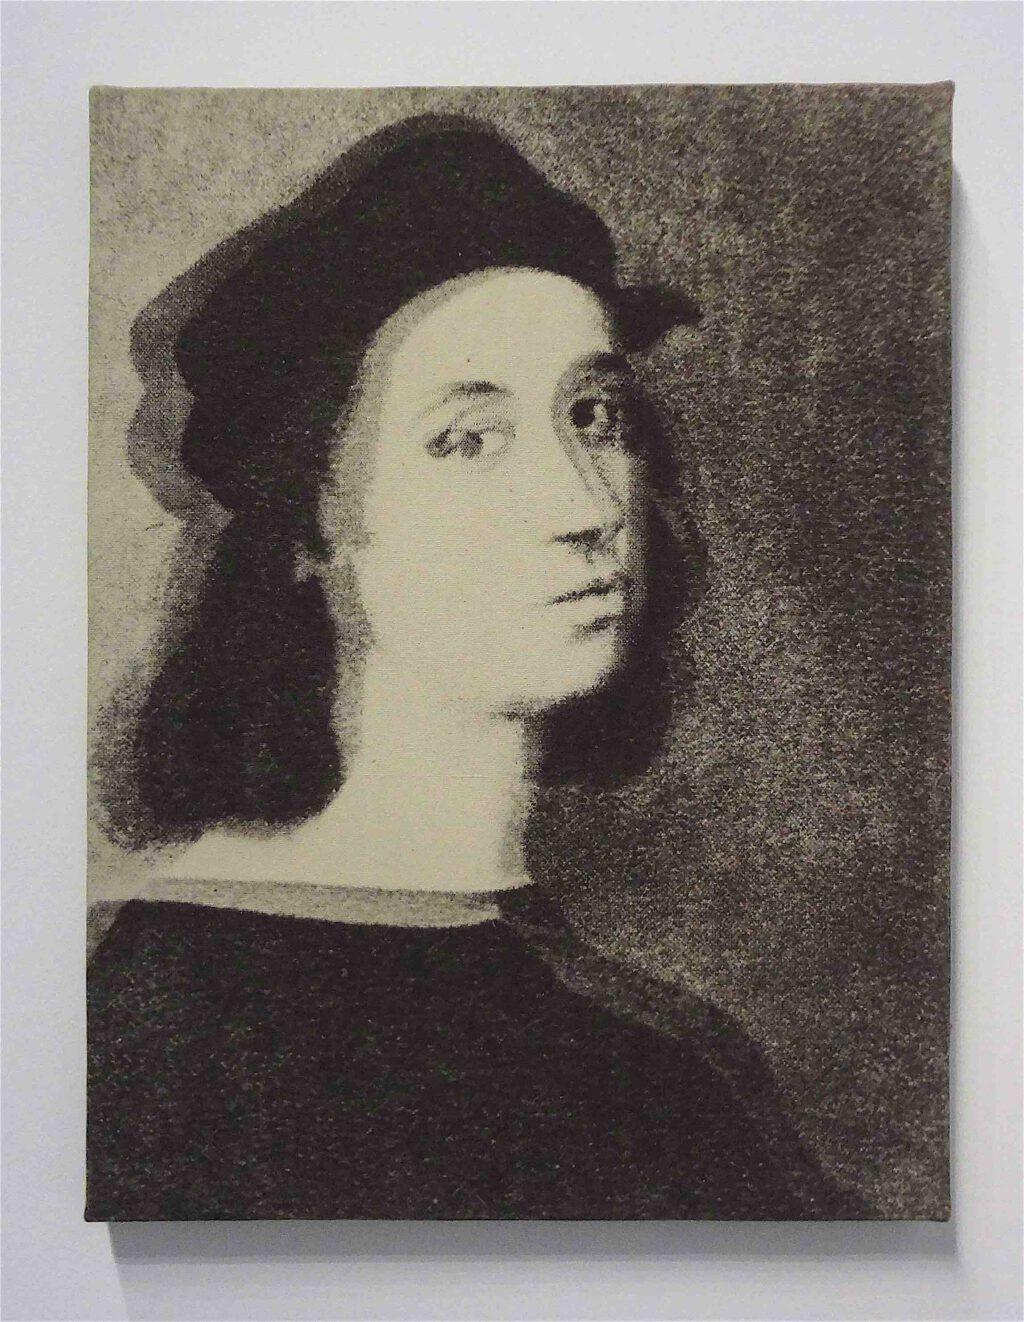 """Giulio Paolini """"L'Invenzione di Ingres"""" 1968, Print on canvas"""